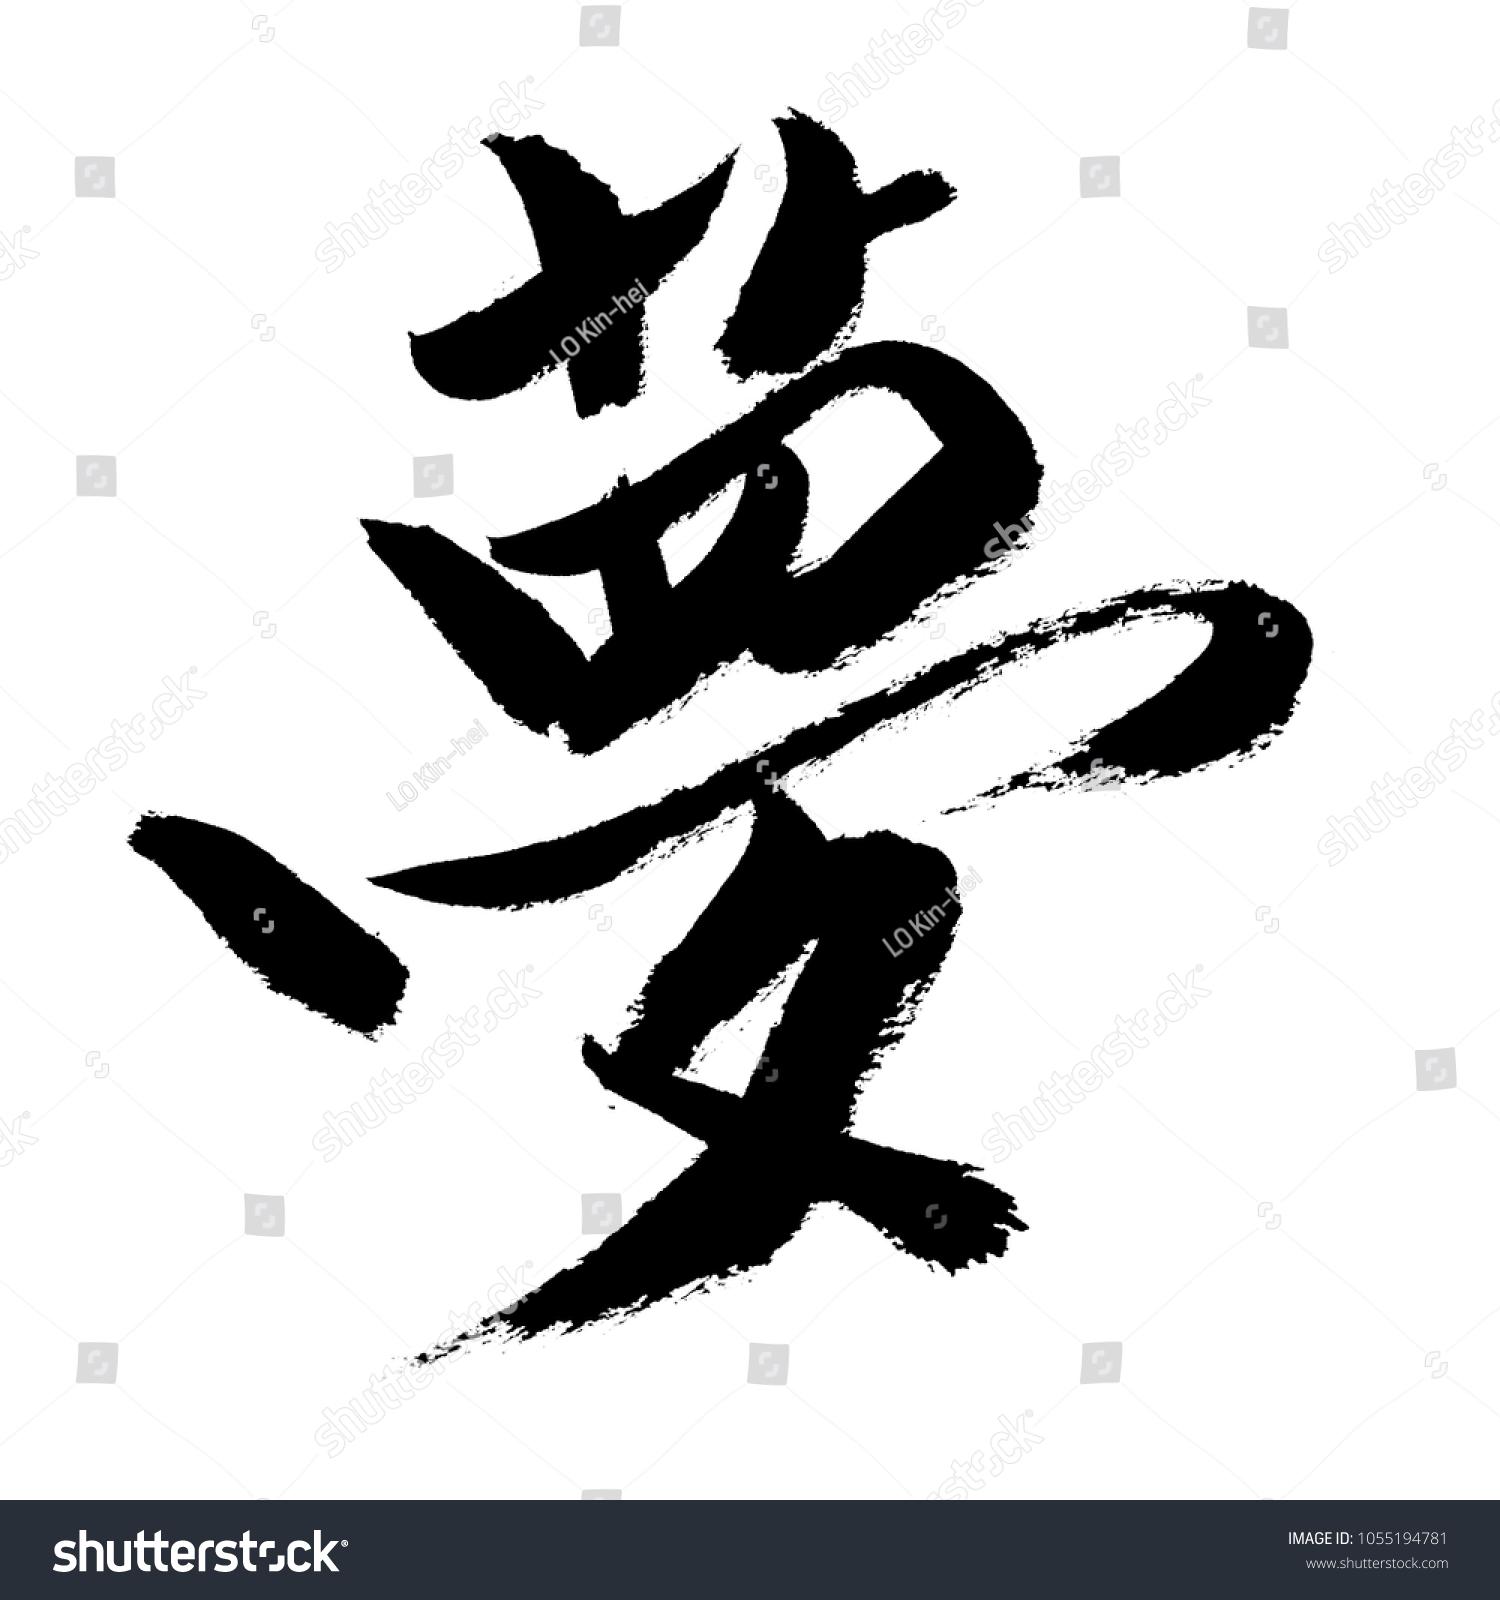 Handwritten Chinese Calligraphy Translation Dreamwishfantasy Stock